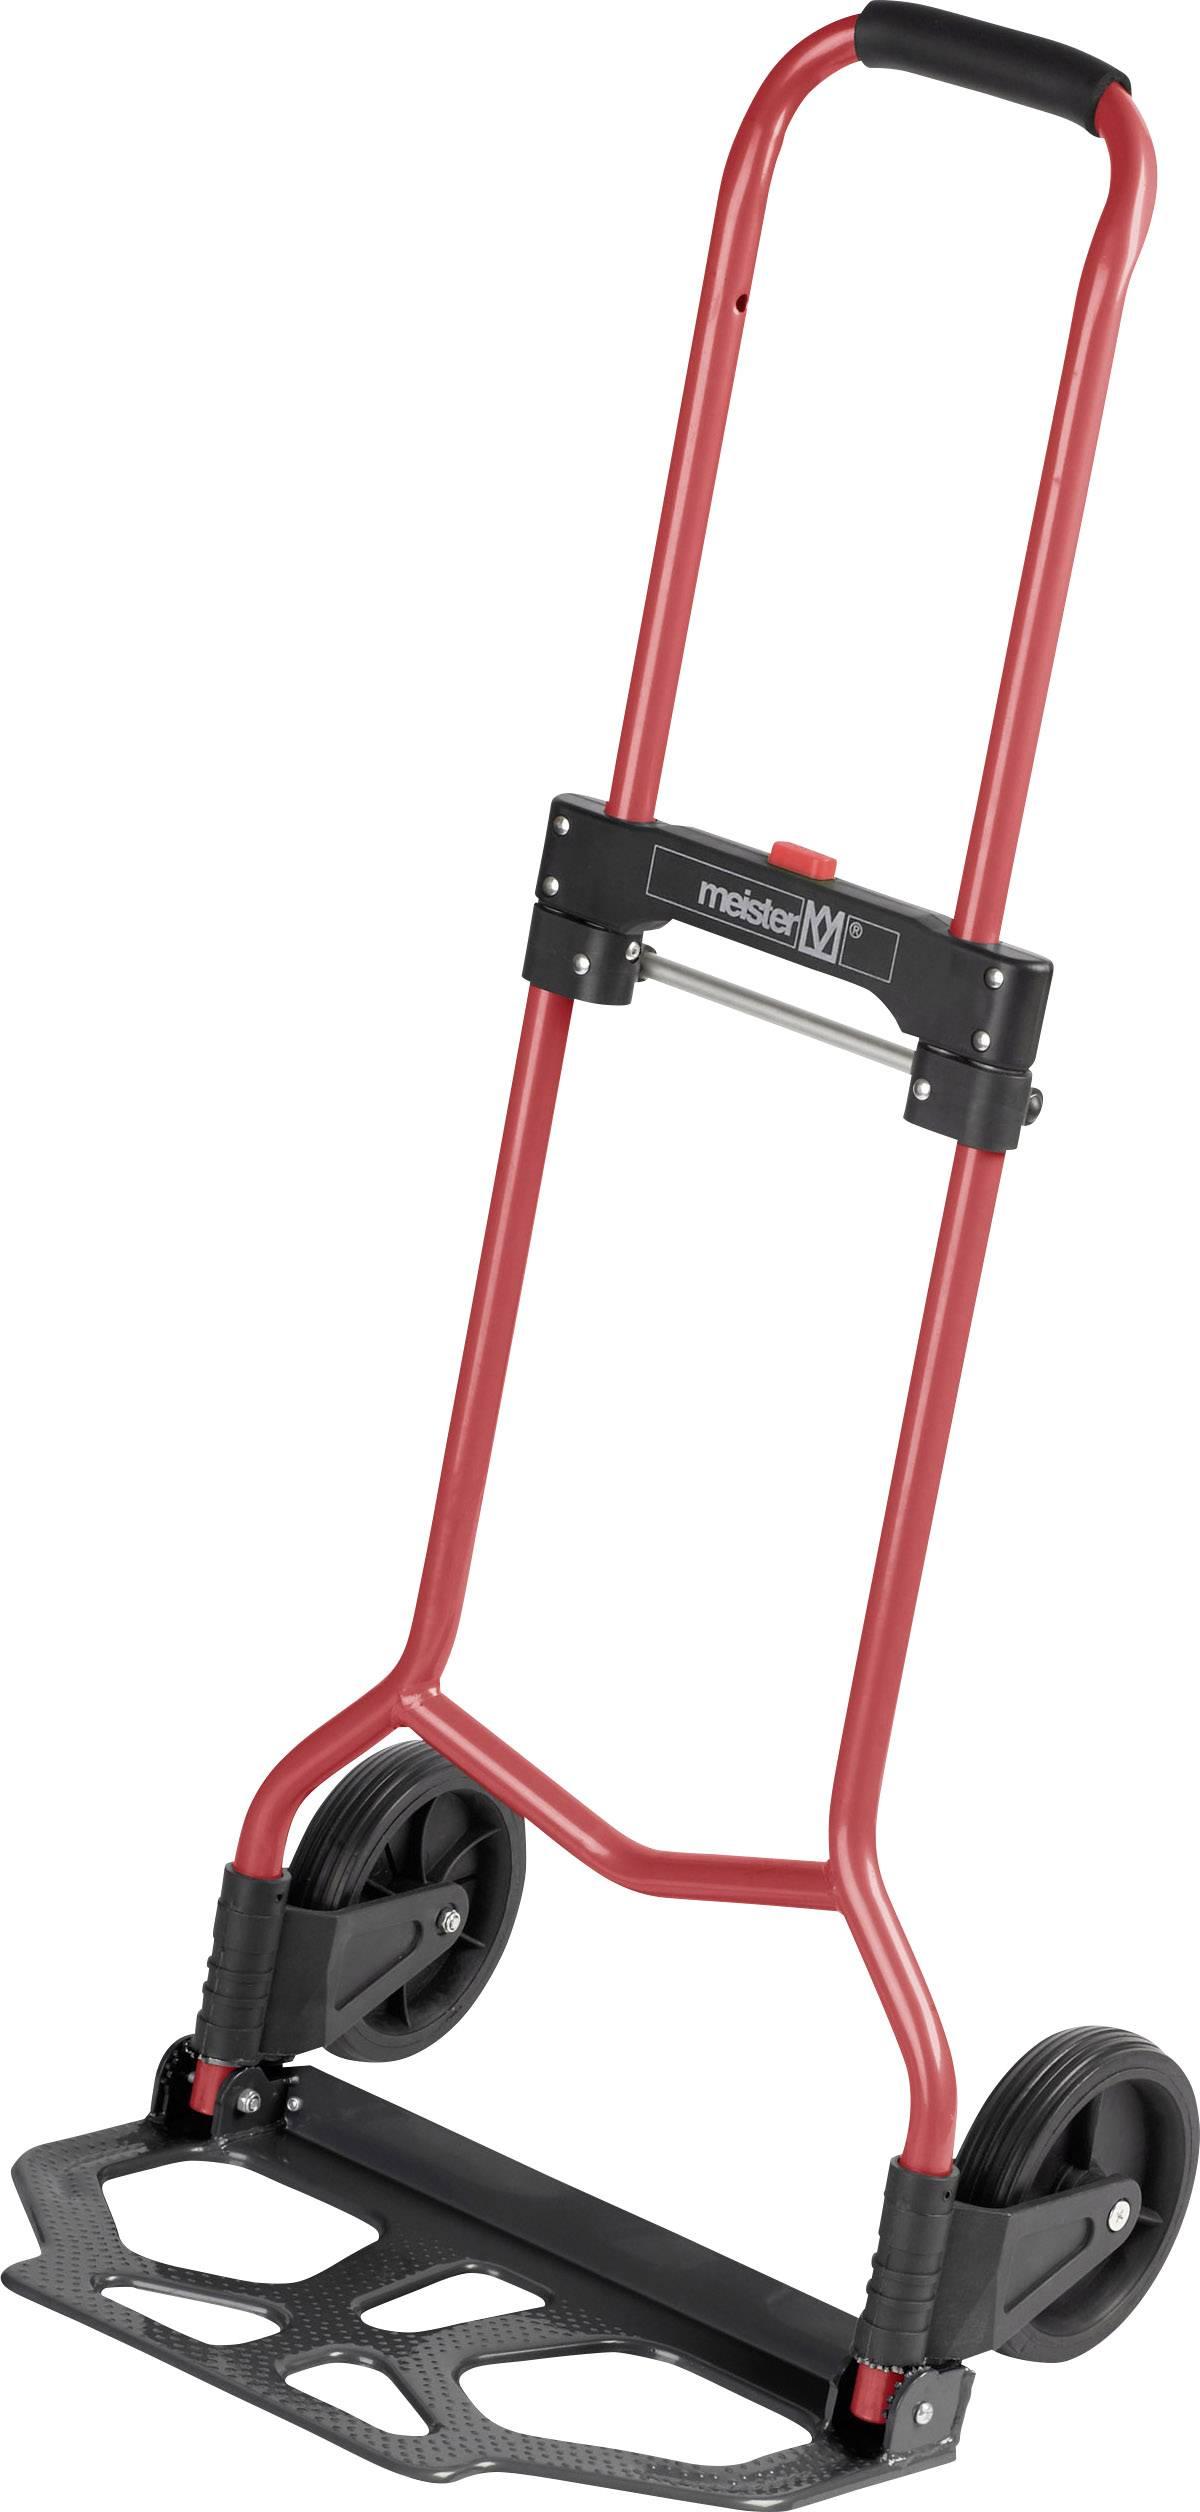 Rudla Meister Werkzeuge 8985760, max.nosnosť: 60 kg